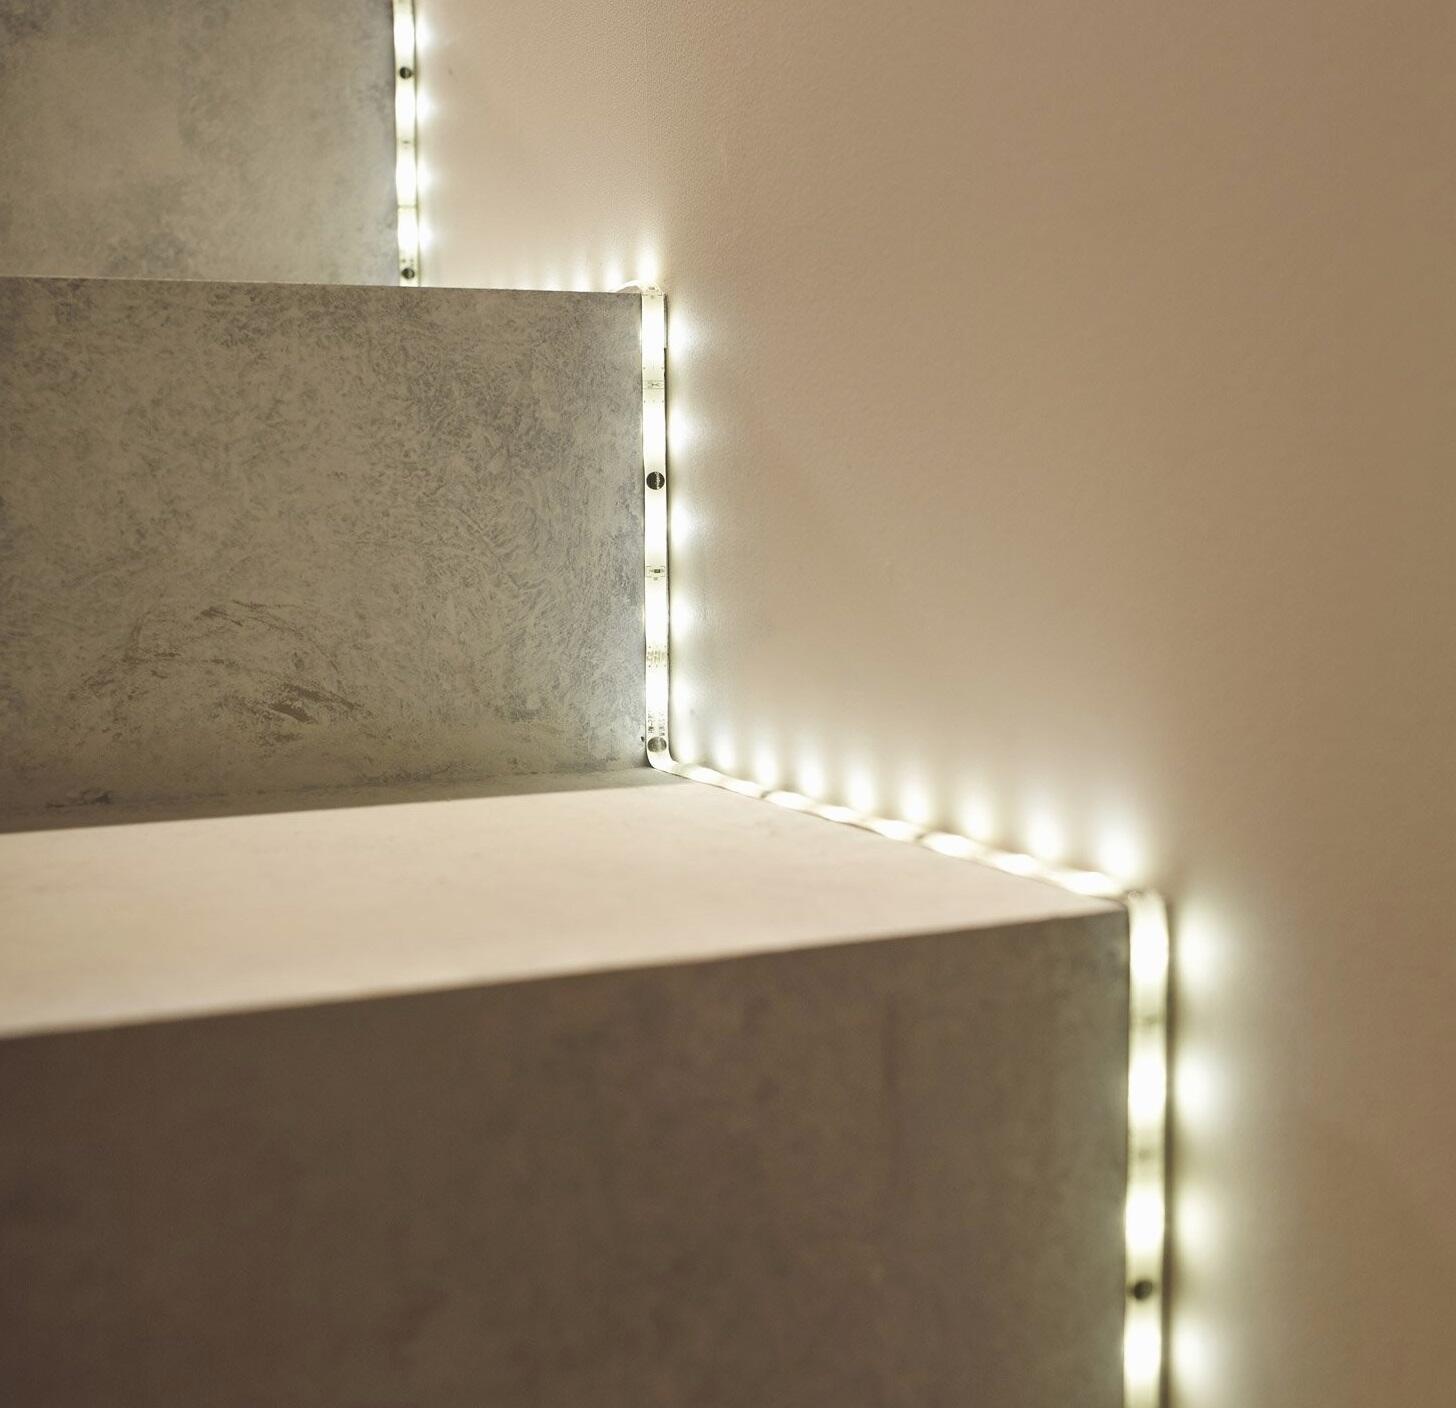 Quelle alimentation choisir pour Eclairage LED ?